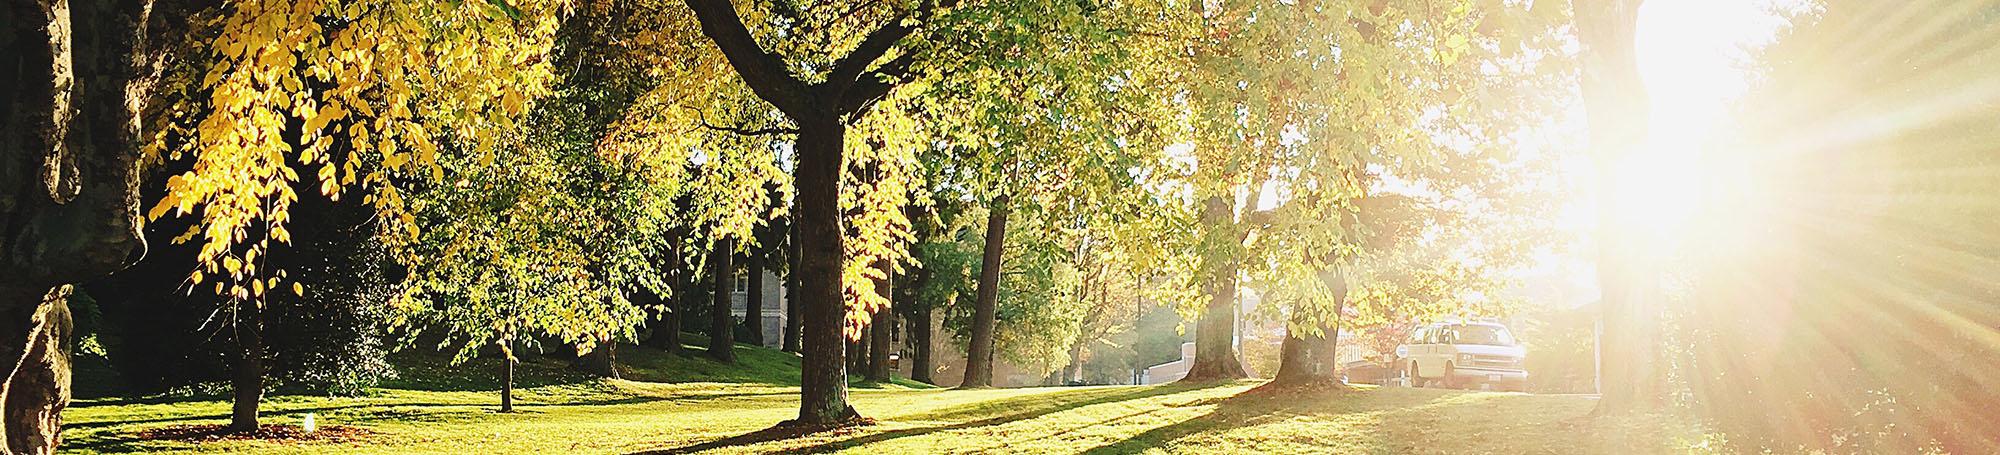 Sun shining in a park.